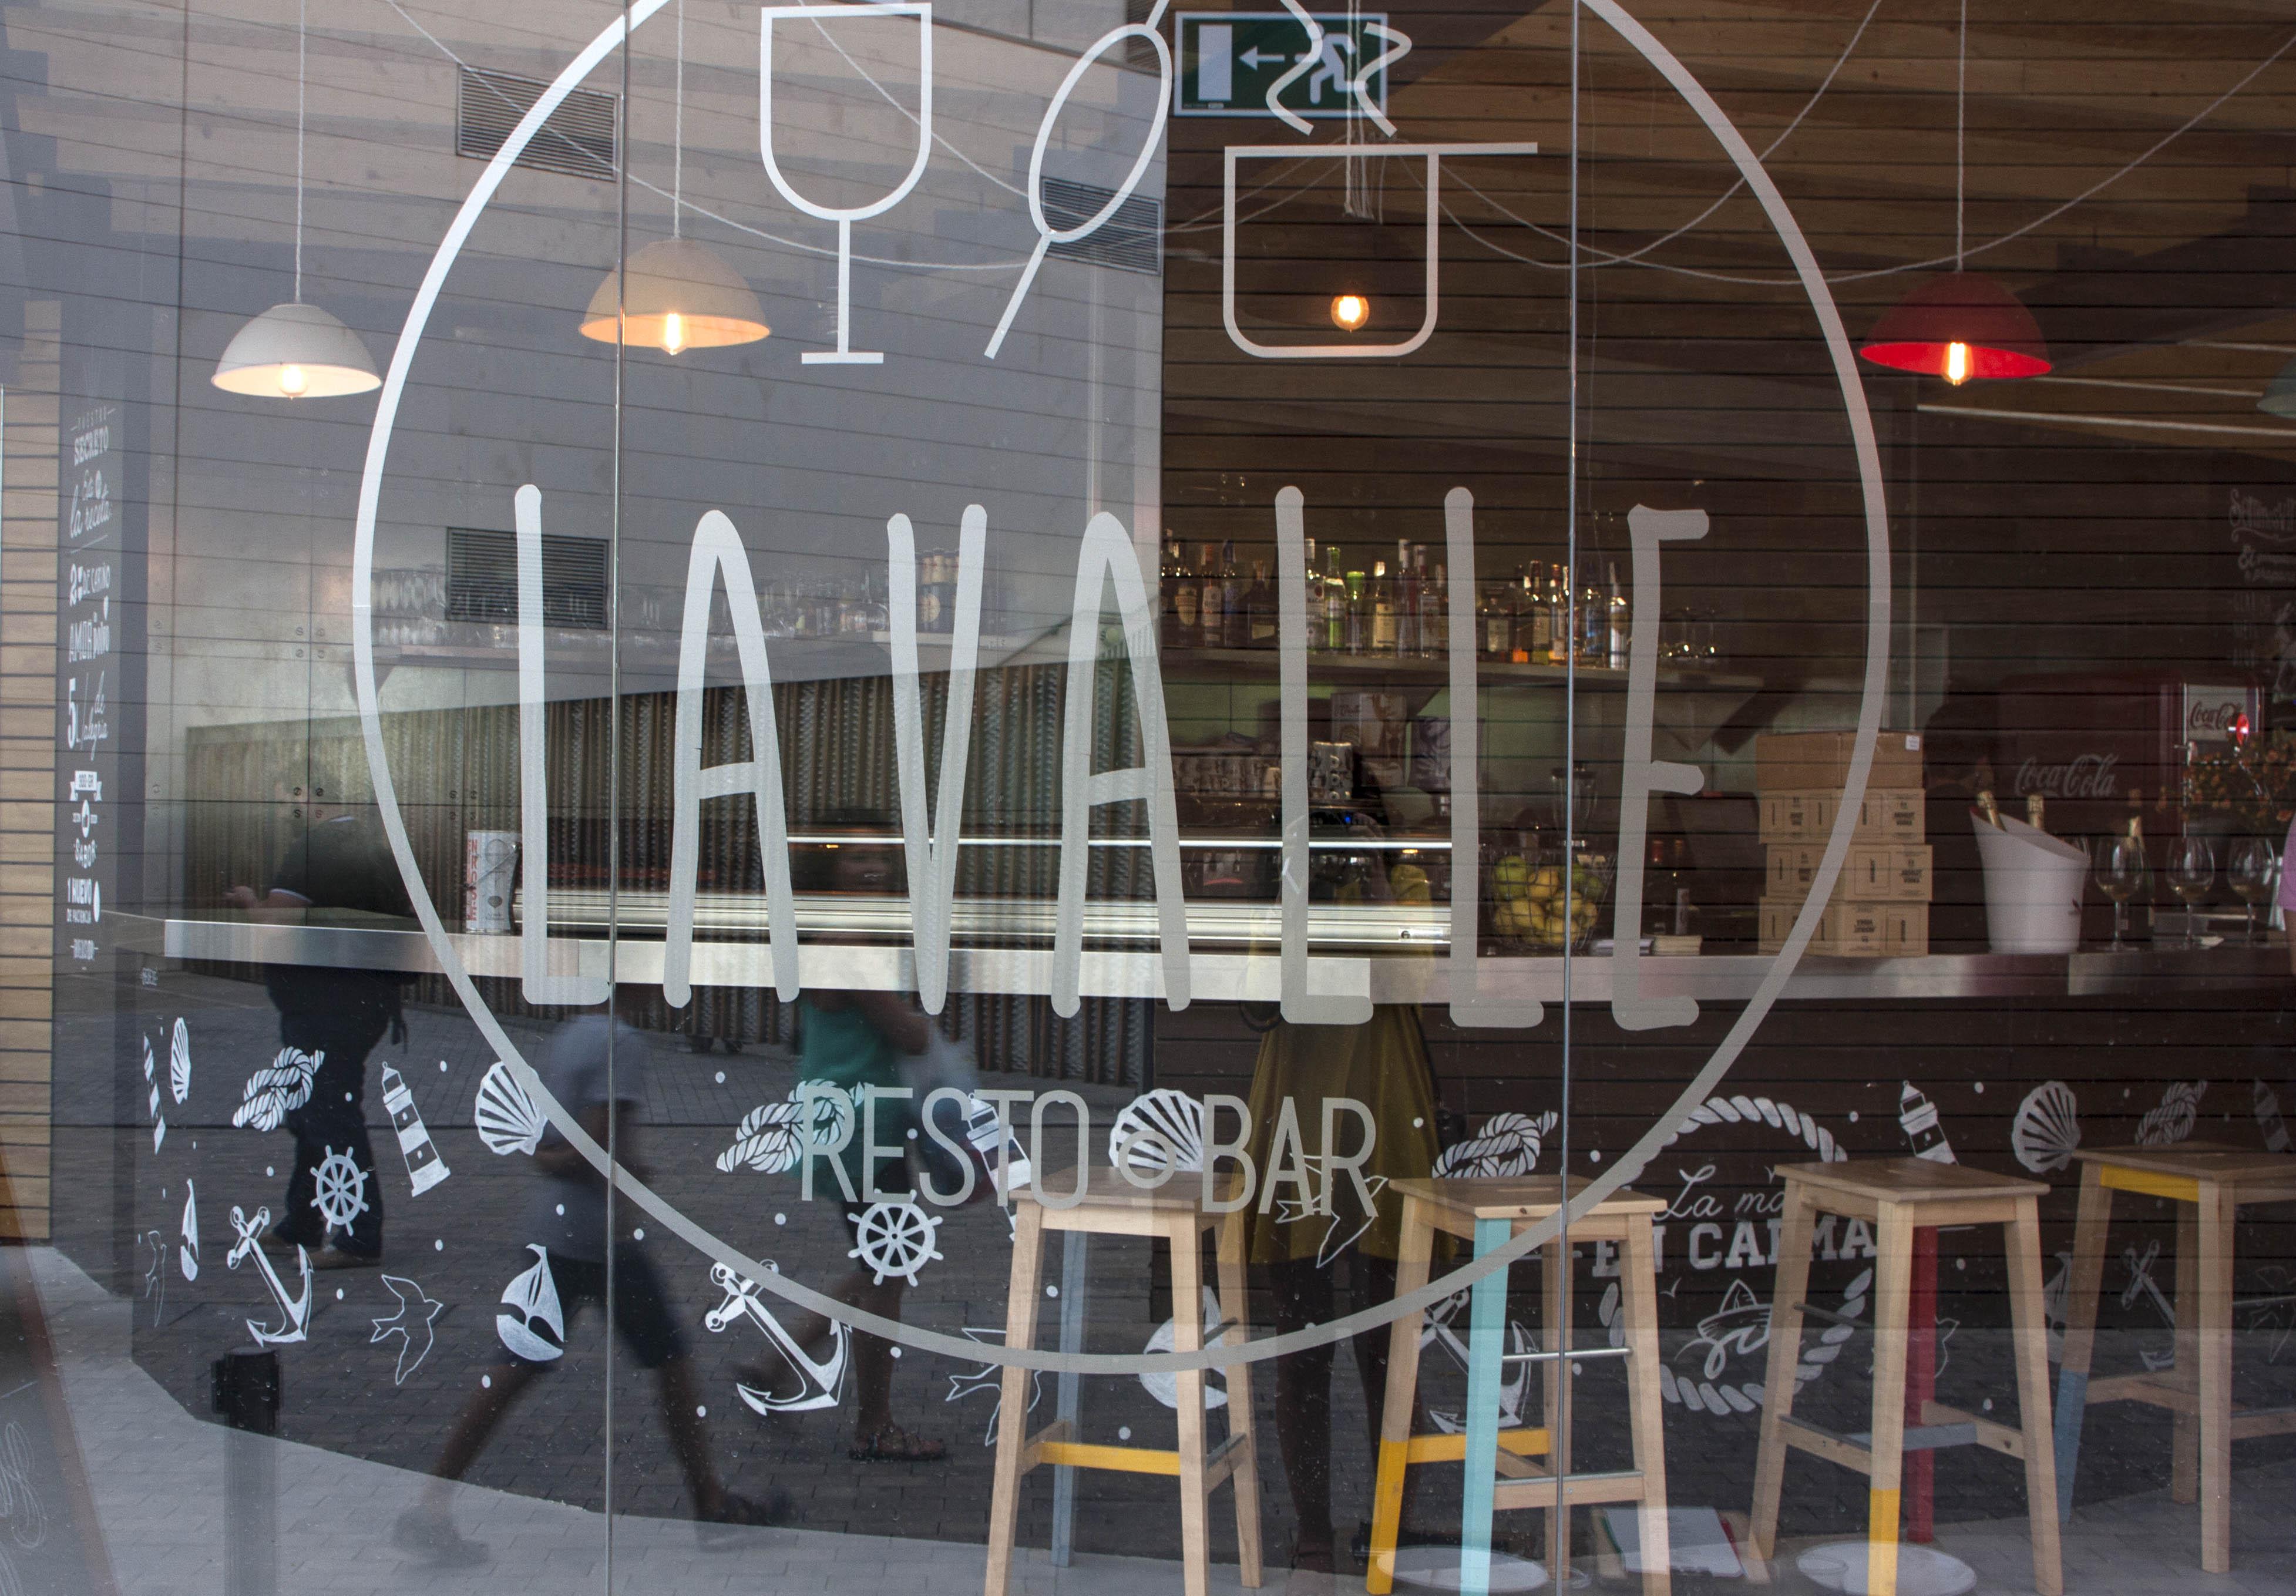 Nueva propuesta gastronomica, saludable y ecológica en el Resto Bar Lavalla del Mercado del Puerto de Puerto Venecia. Blog zaragozano increíble pero cierzo